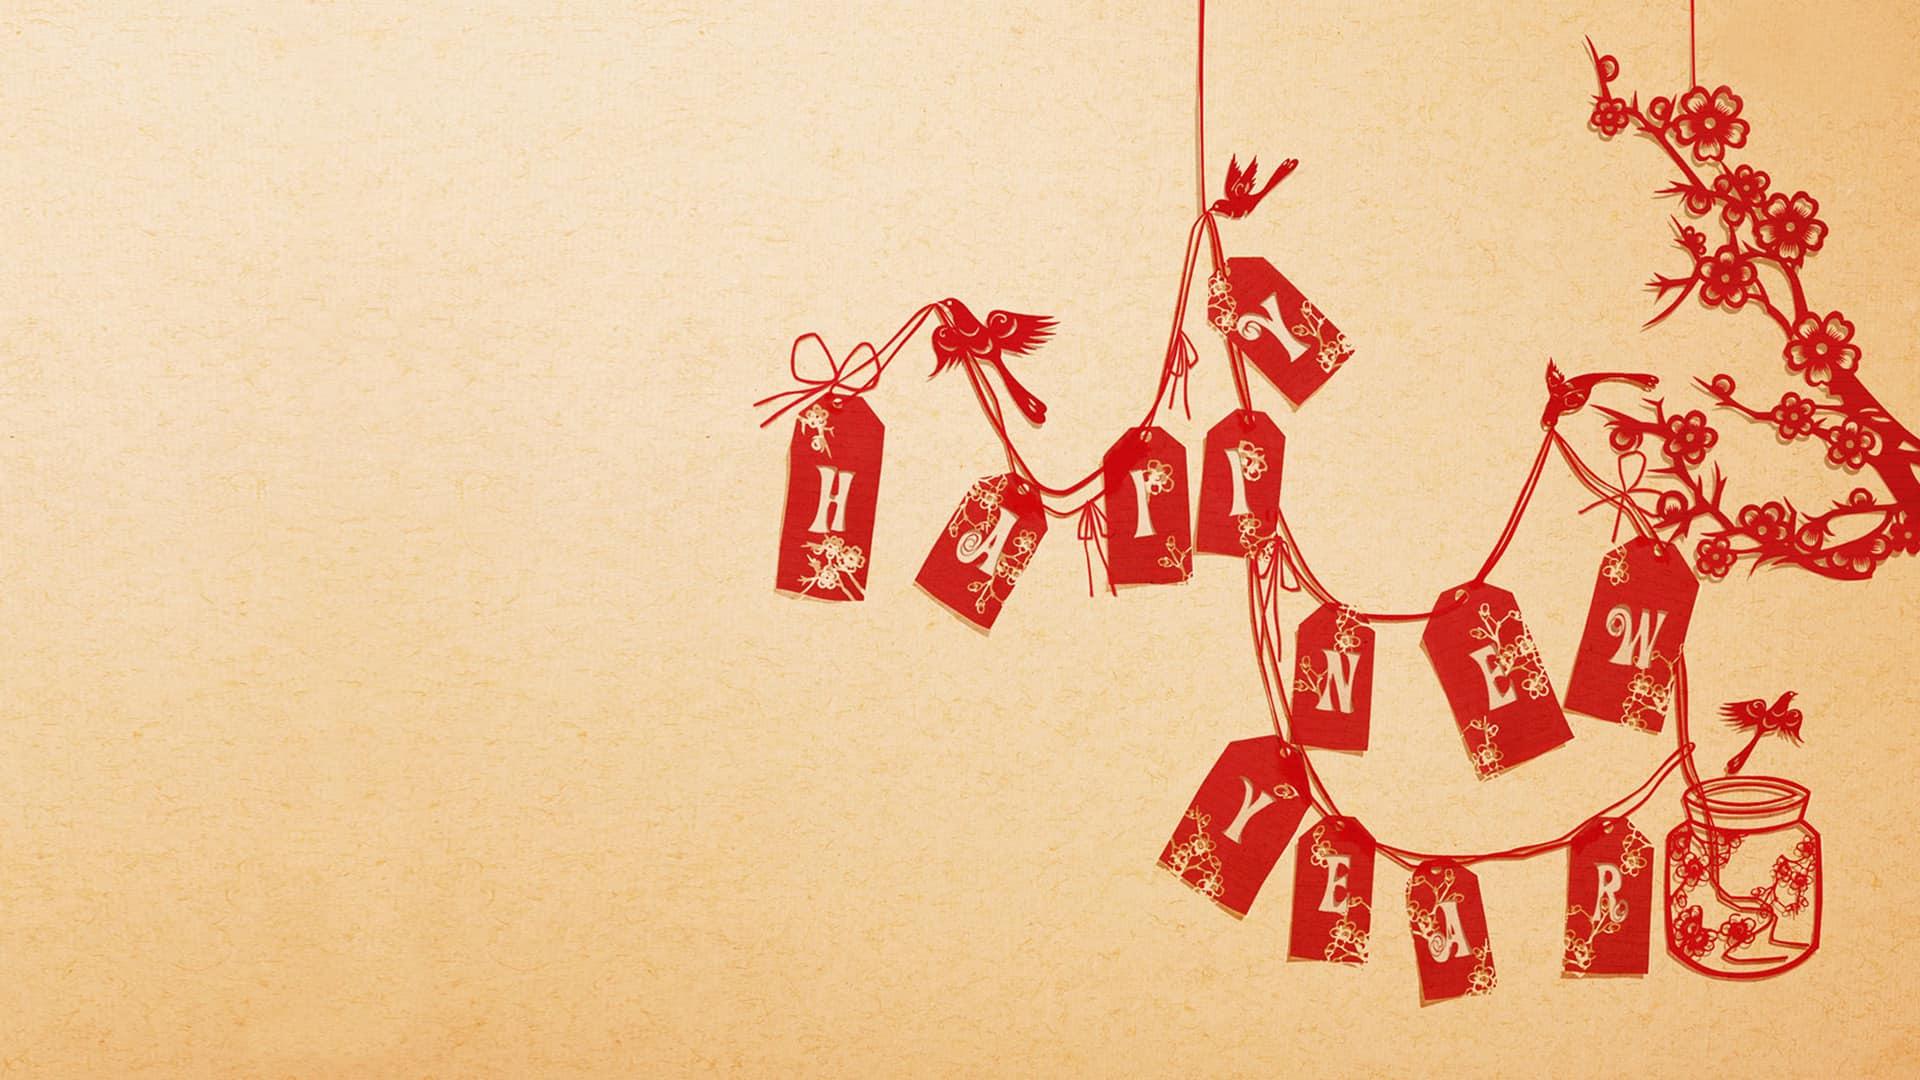 Happy-Chinese-New-Year-Wallpaper.jpg